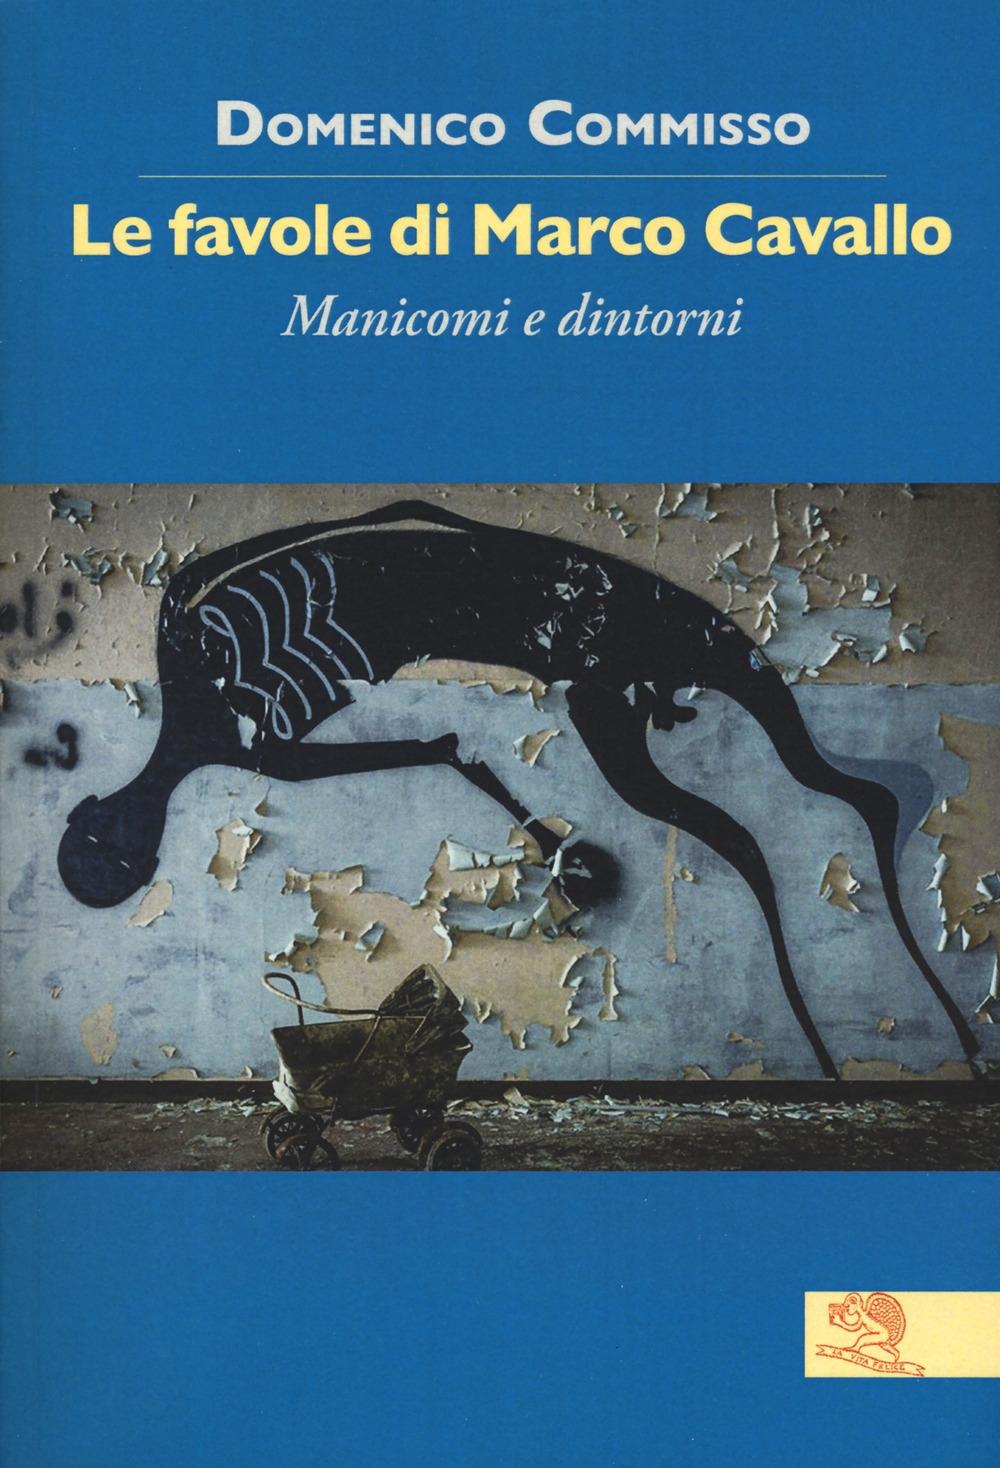 Le favole di Marco Cavallo. Manicomi e dintorni